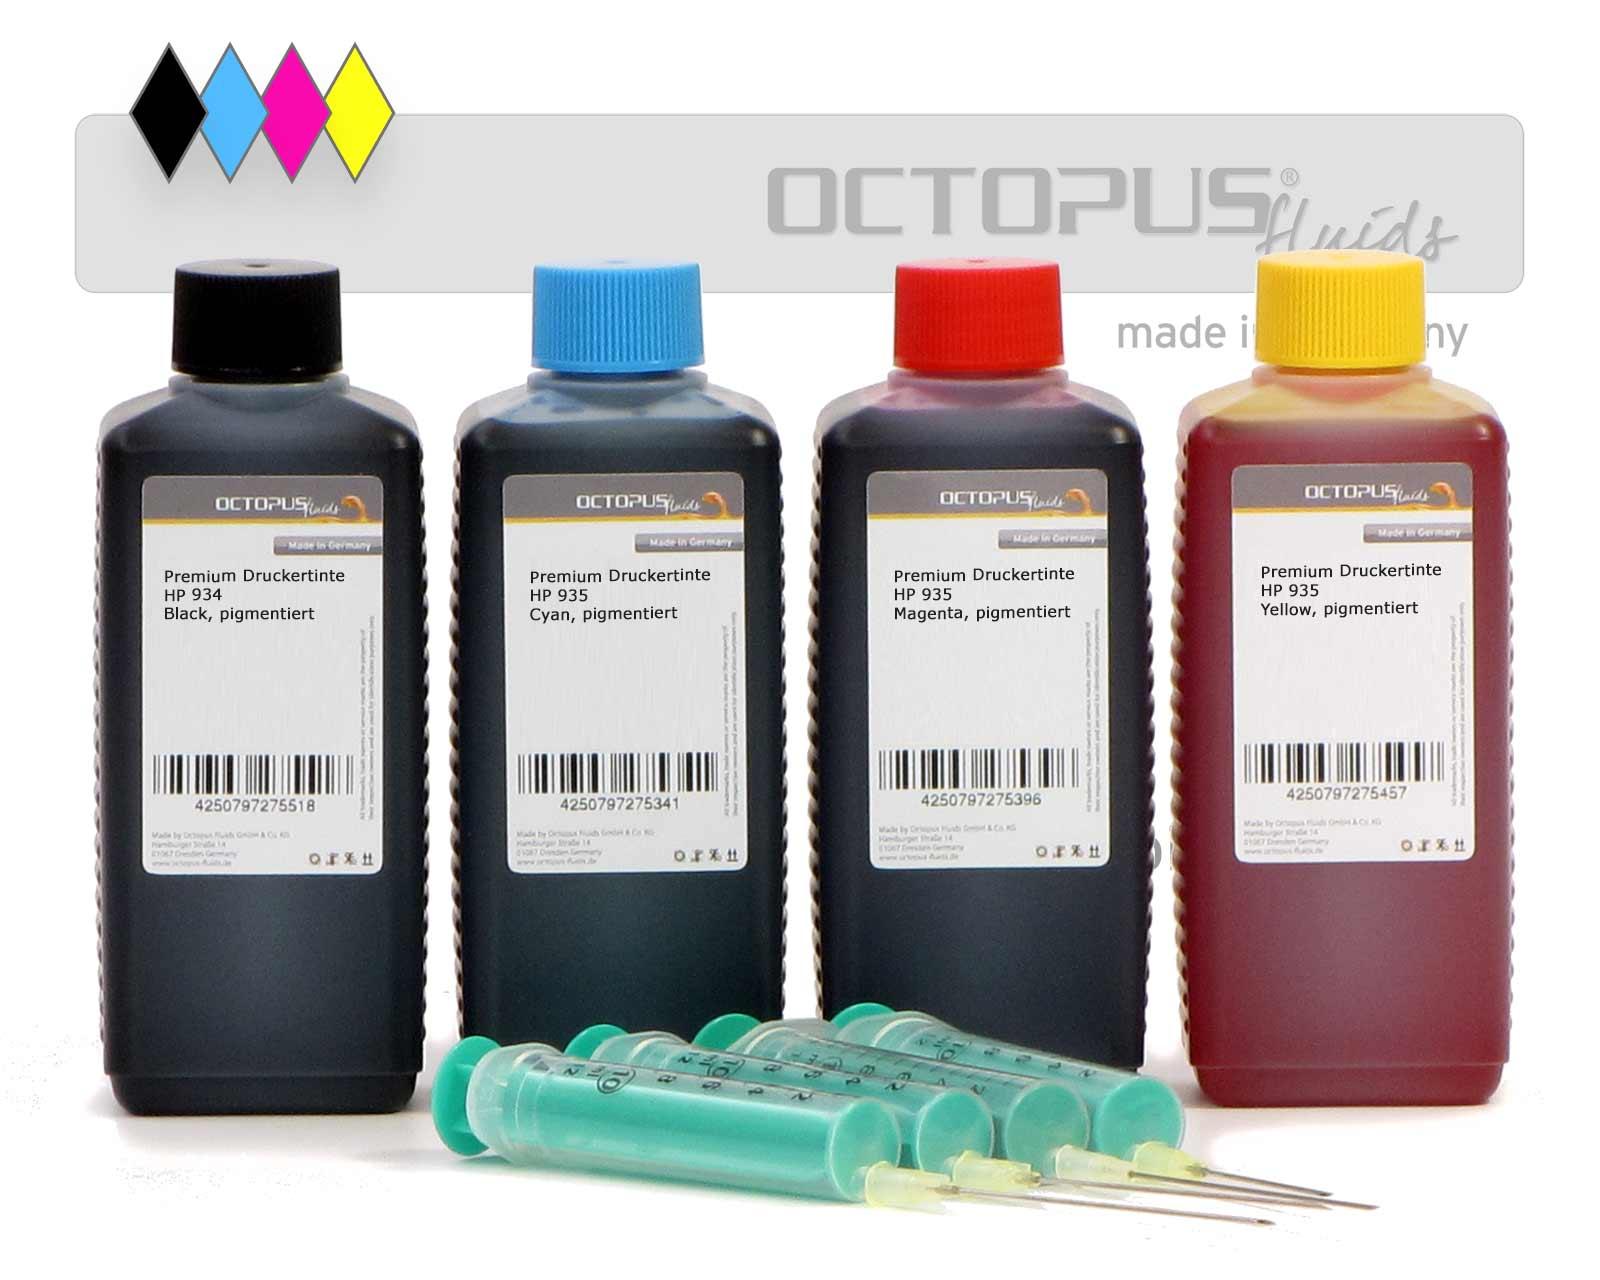 Druckertinten Set für HP 934, 935 Druckerpatronen, vier Farben